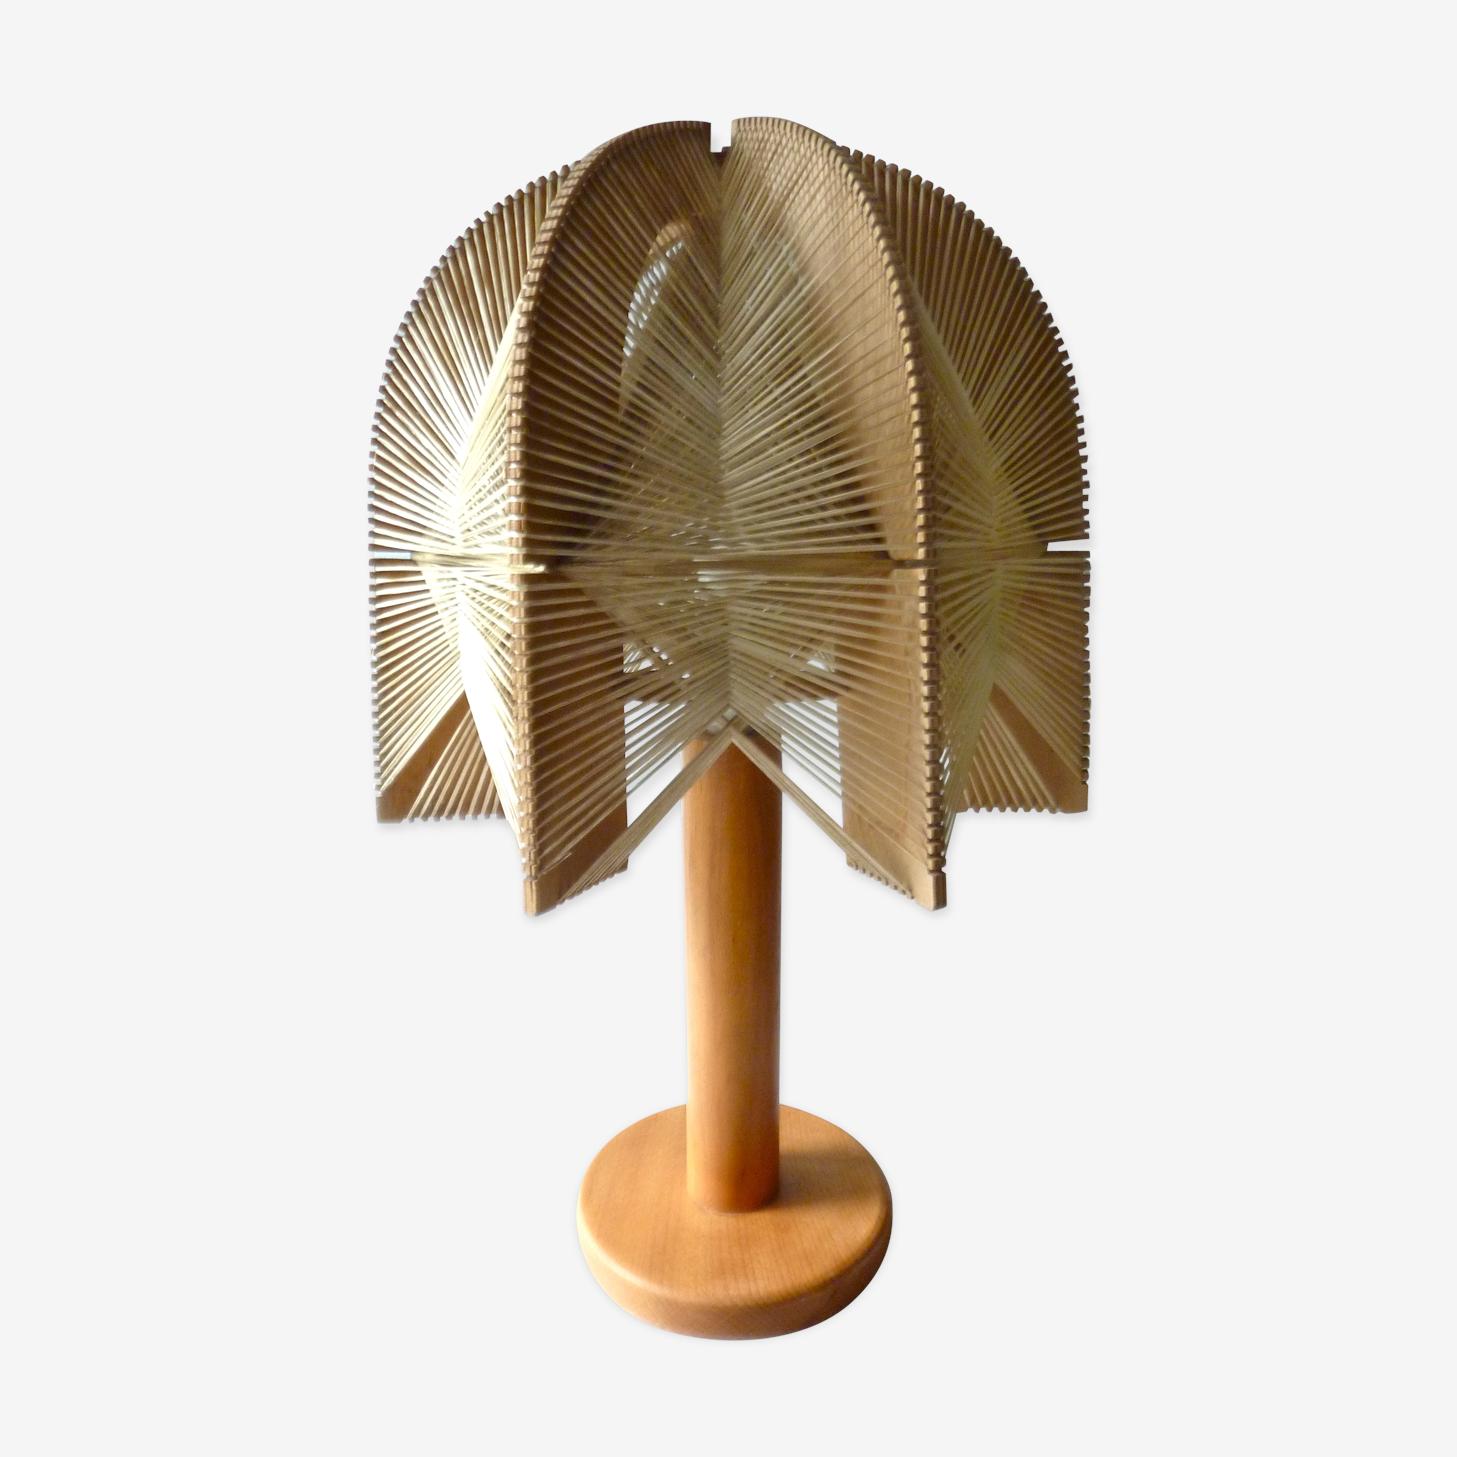 Lampe scandinave en bois et fils des années 60